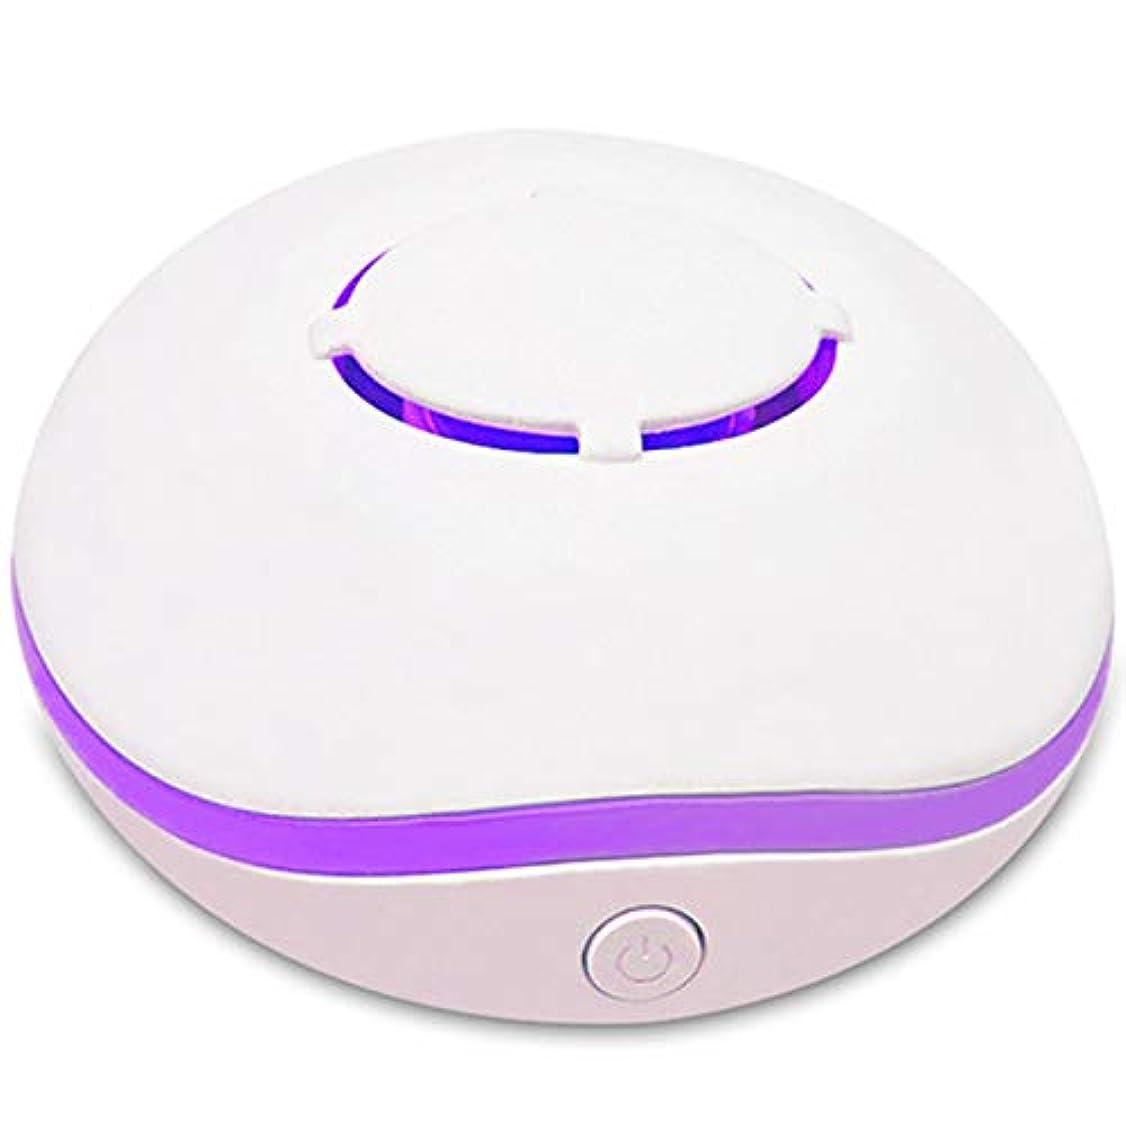 純正協力する収容するSODIAL 無水アロマ?ミニディフューザー、エッセンシャルオイルの携帯用ネブライザー、アロマオイルの拡散、家庭用、2つの接続電源モード、白色